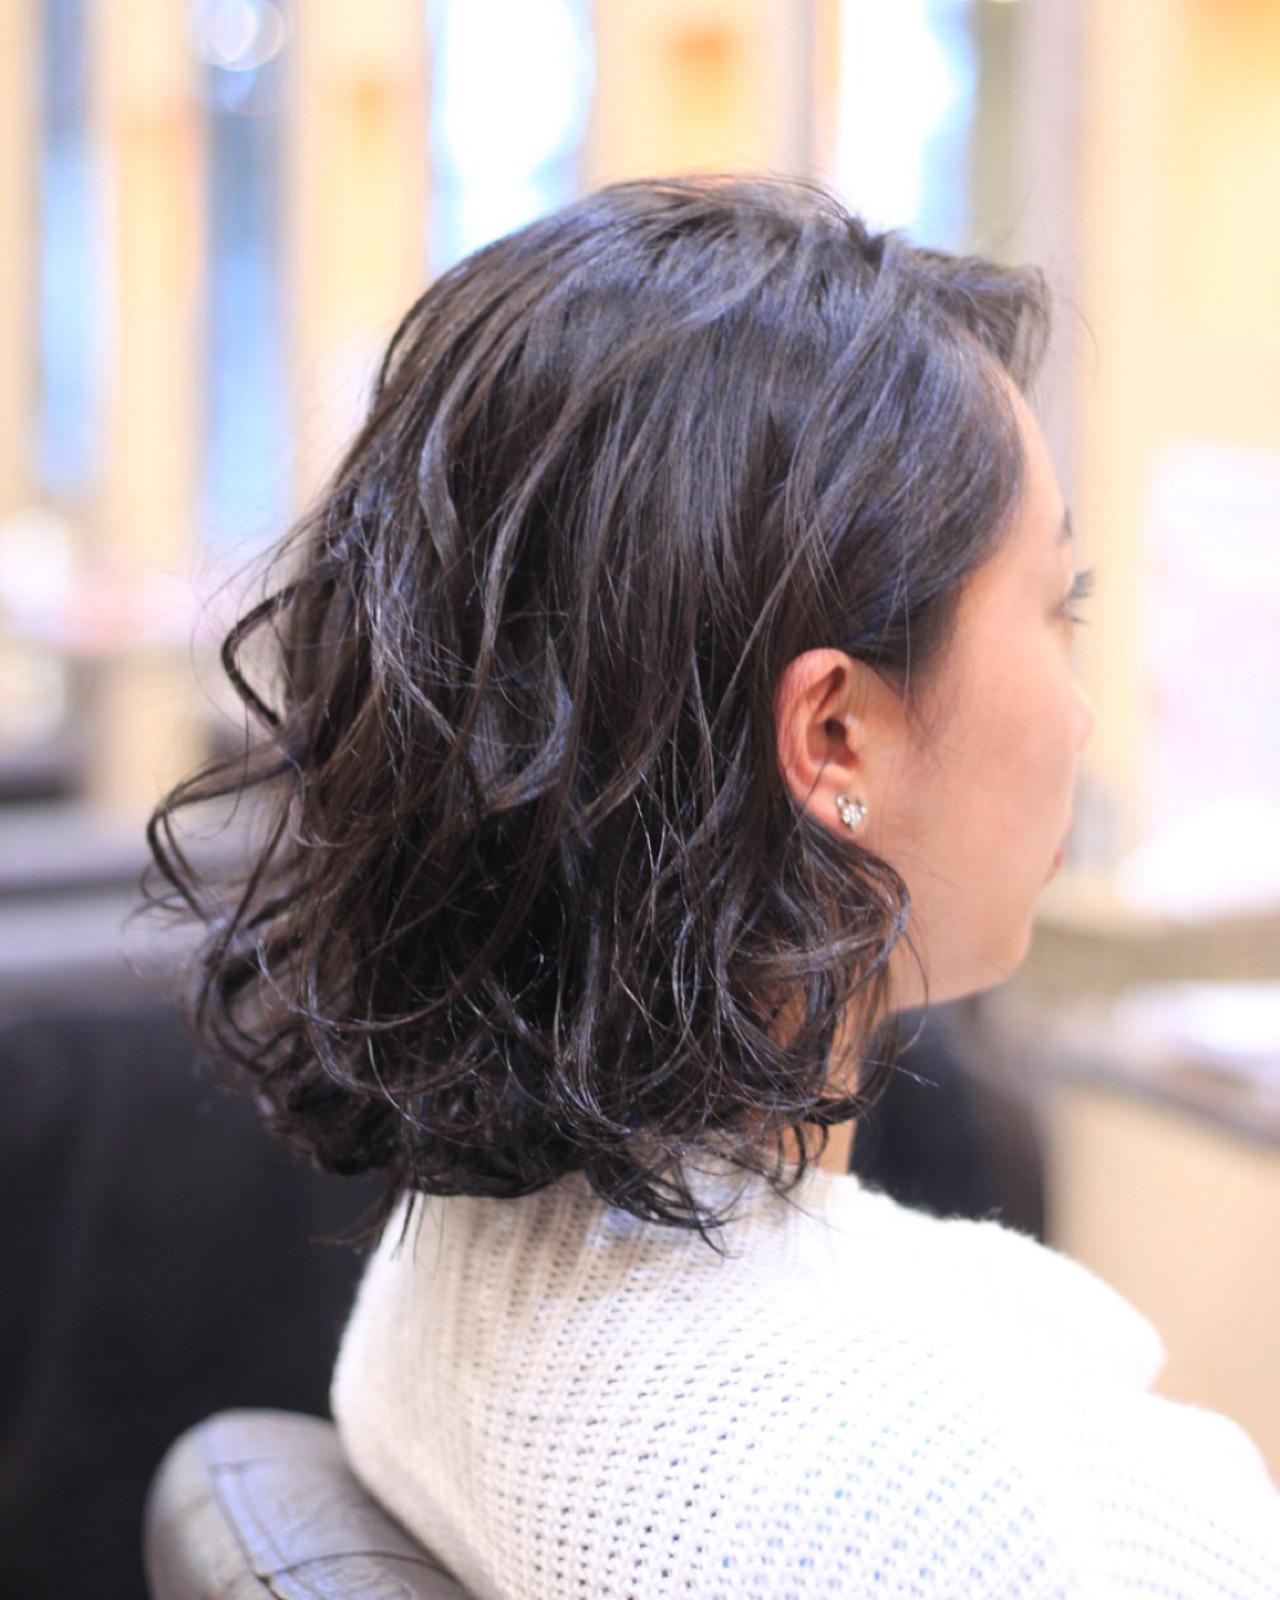 黒髪ショートボブ×ふんわりカールでエレガントに 平岩 泰明 | Aether